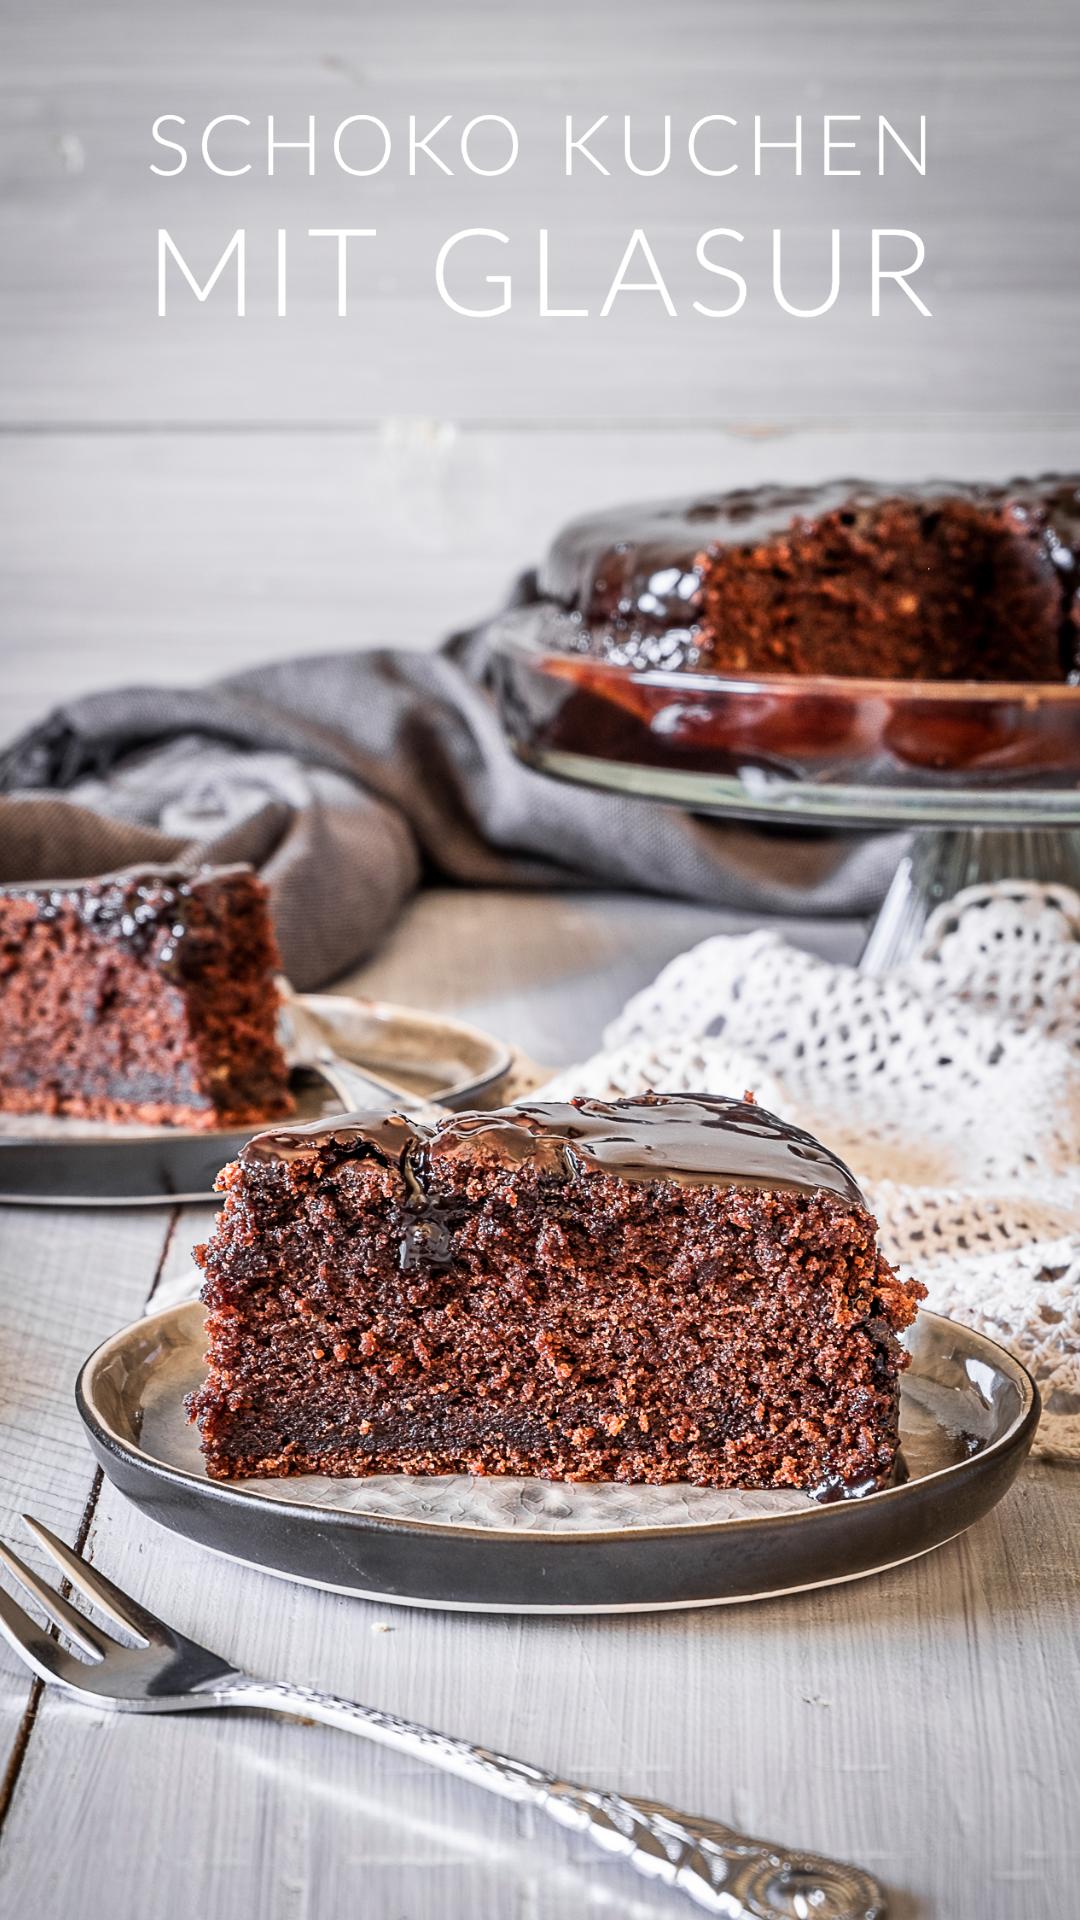 Schoko Kuchen Mit Glasur Ahalni Sweet Home Rezept In 2020 Kuchen Lebensmittel Essen Dessert Ideen